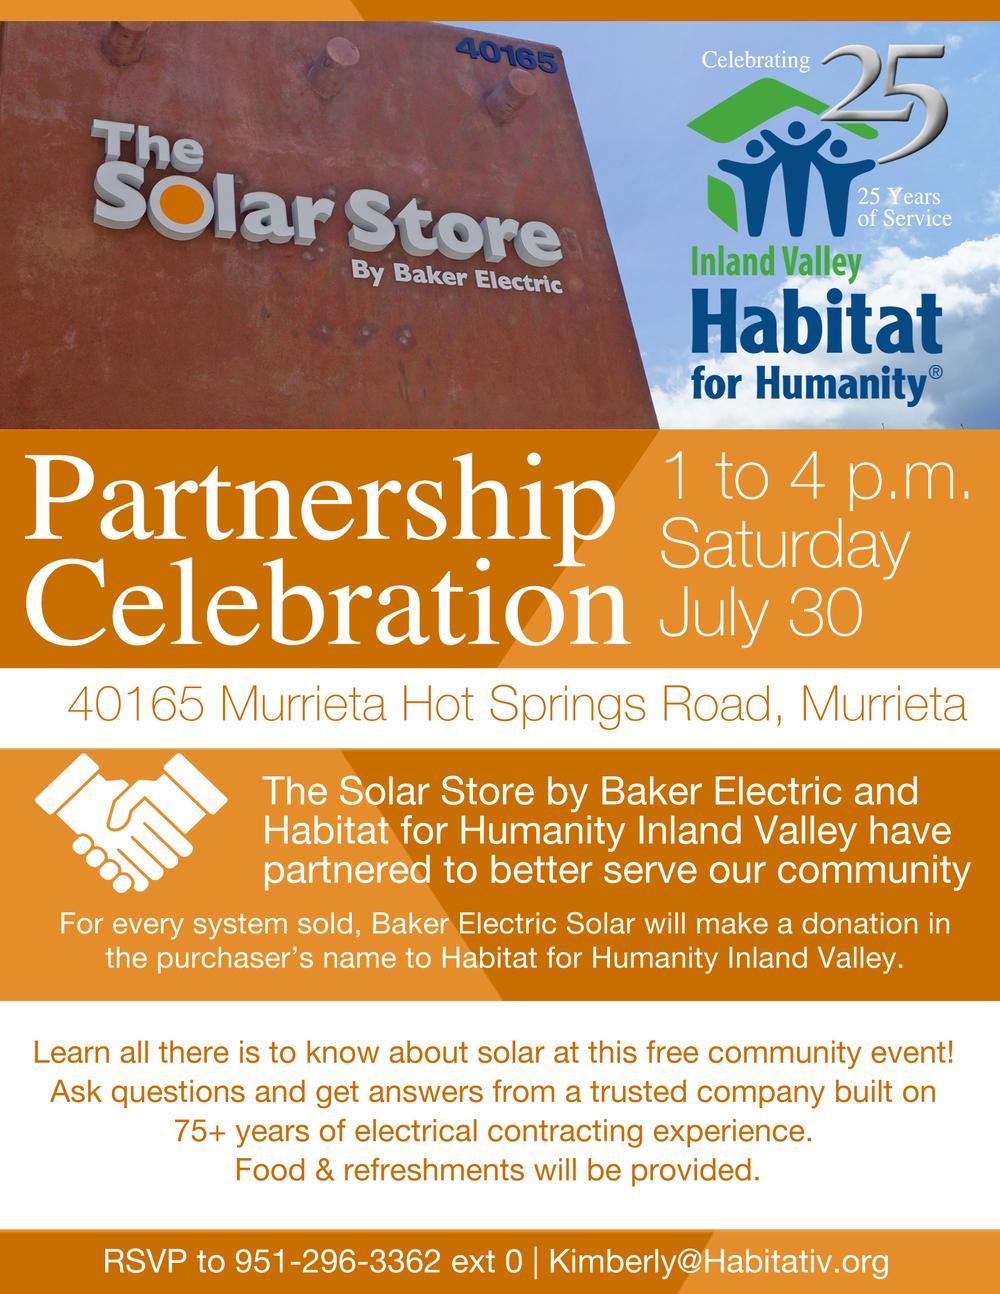 Baker Electric Solar >> Baker Electric Solar Partnership Celebration Habitat For Humanity